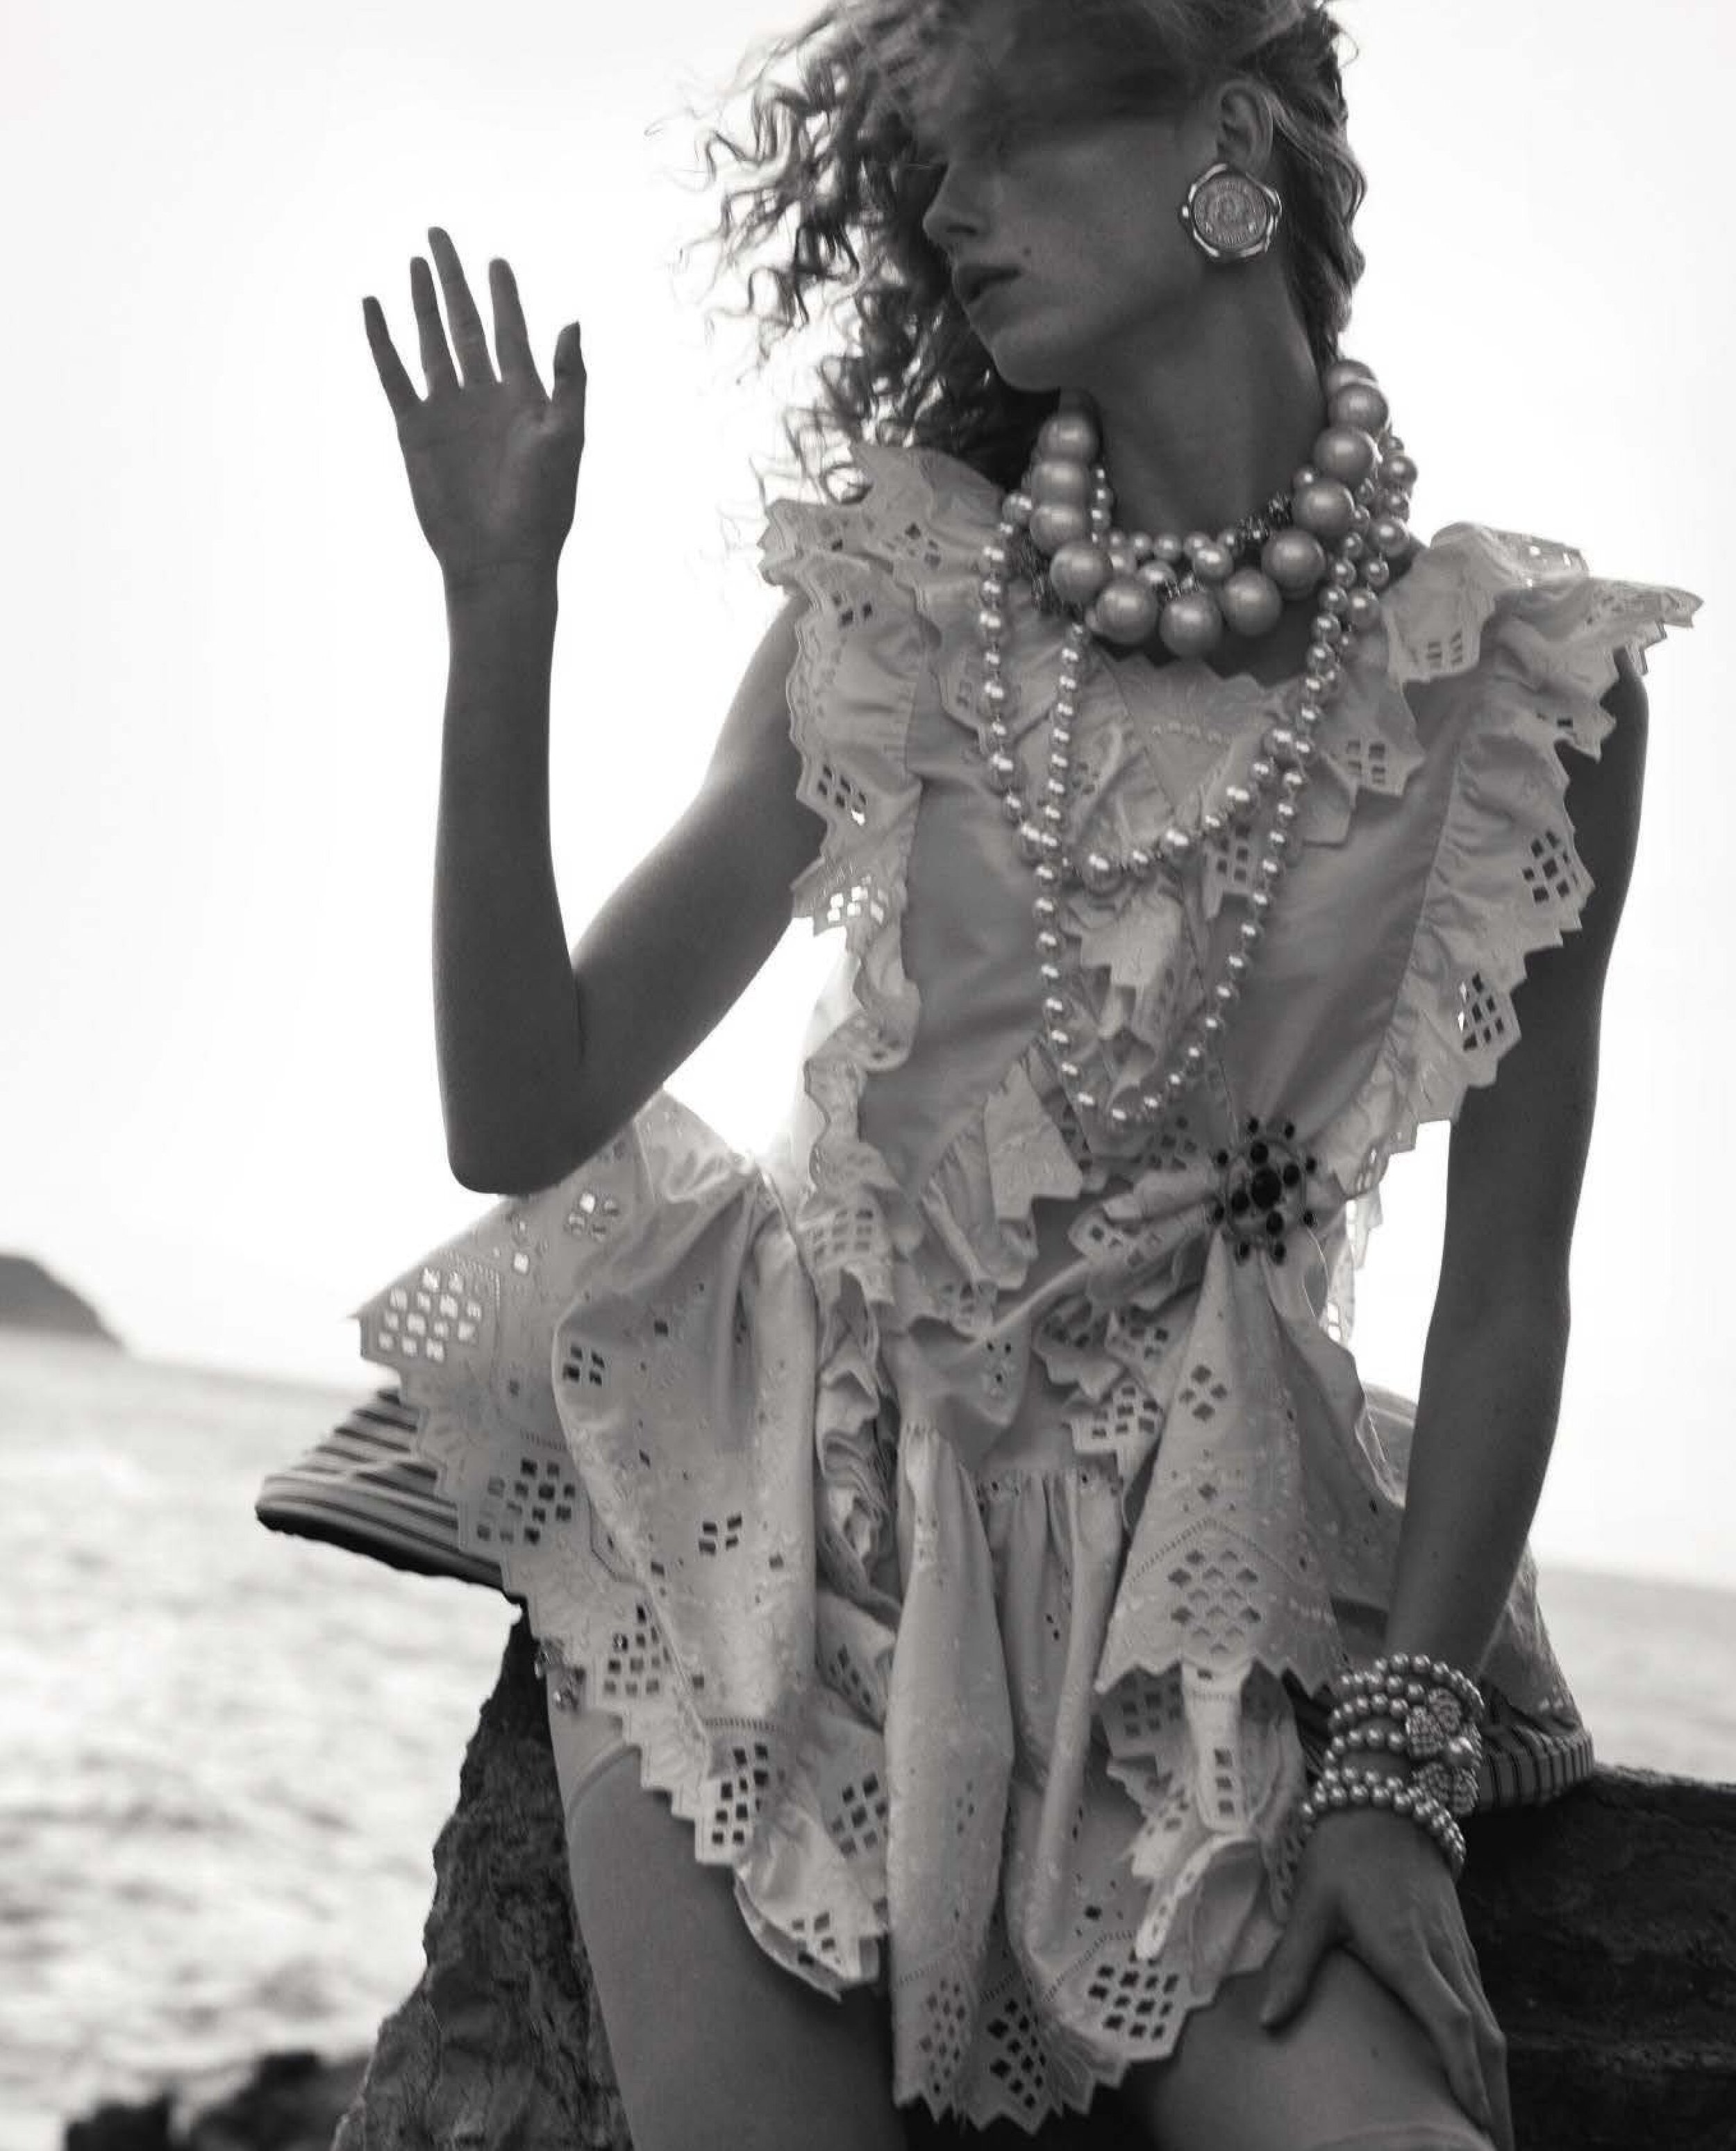 Rianne-Van-Rompaey-Vogue-Italia-April-2019- (4).jpg